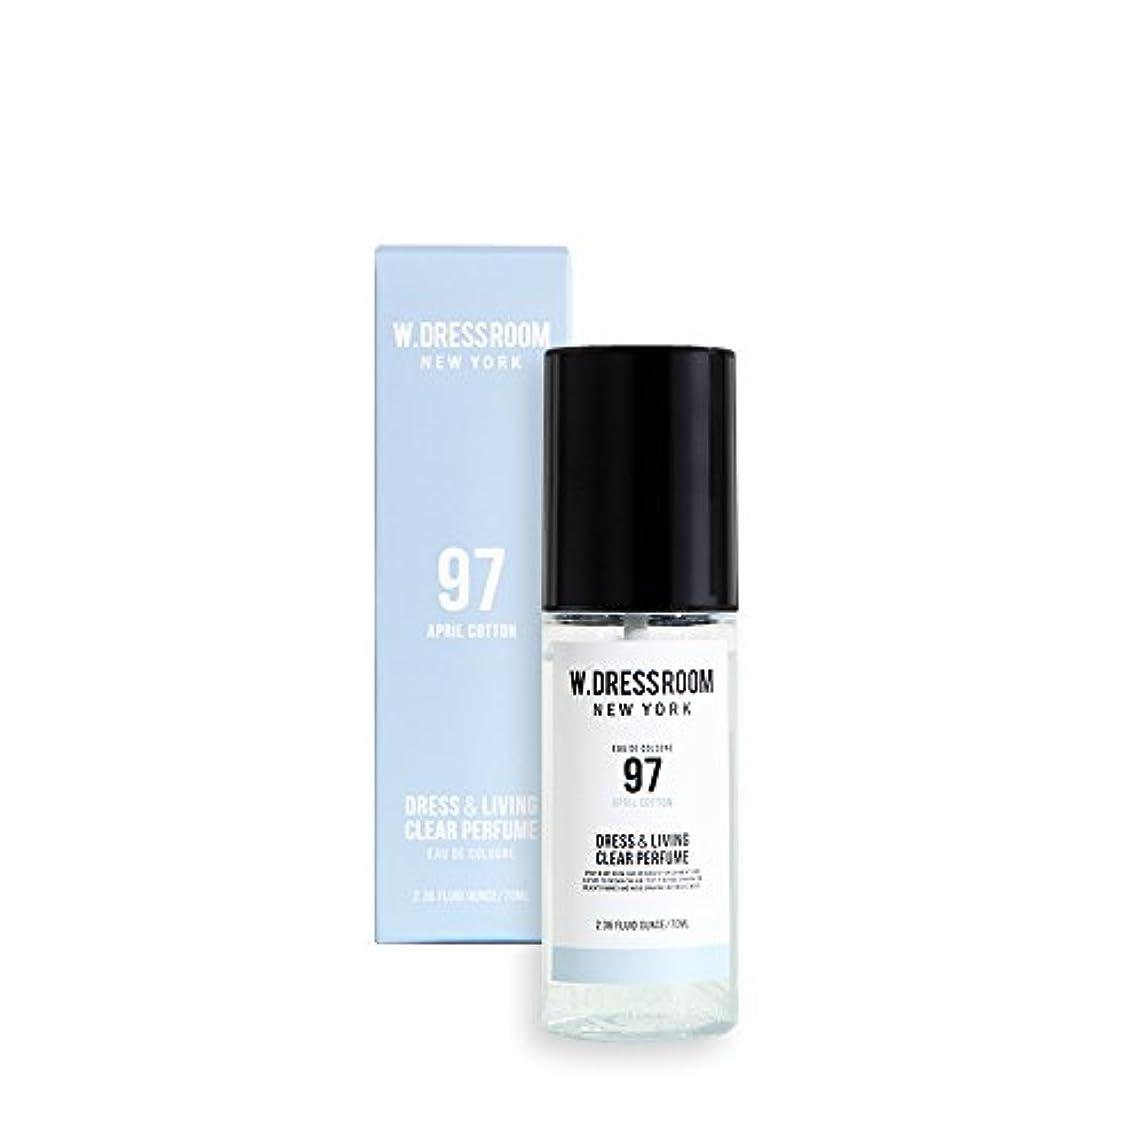 怠惰ファセットクレジットW.DRESSROOM Dress & Living Clear Perfume 70ml/ダブルドレスルーム ドレス&リビング クリア パフューム 70ml (#No.97 April Cotton) [並行輸入品]